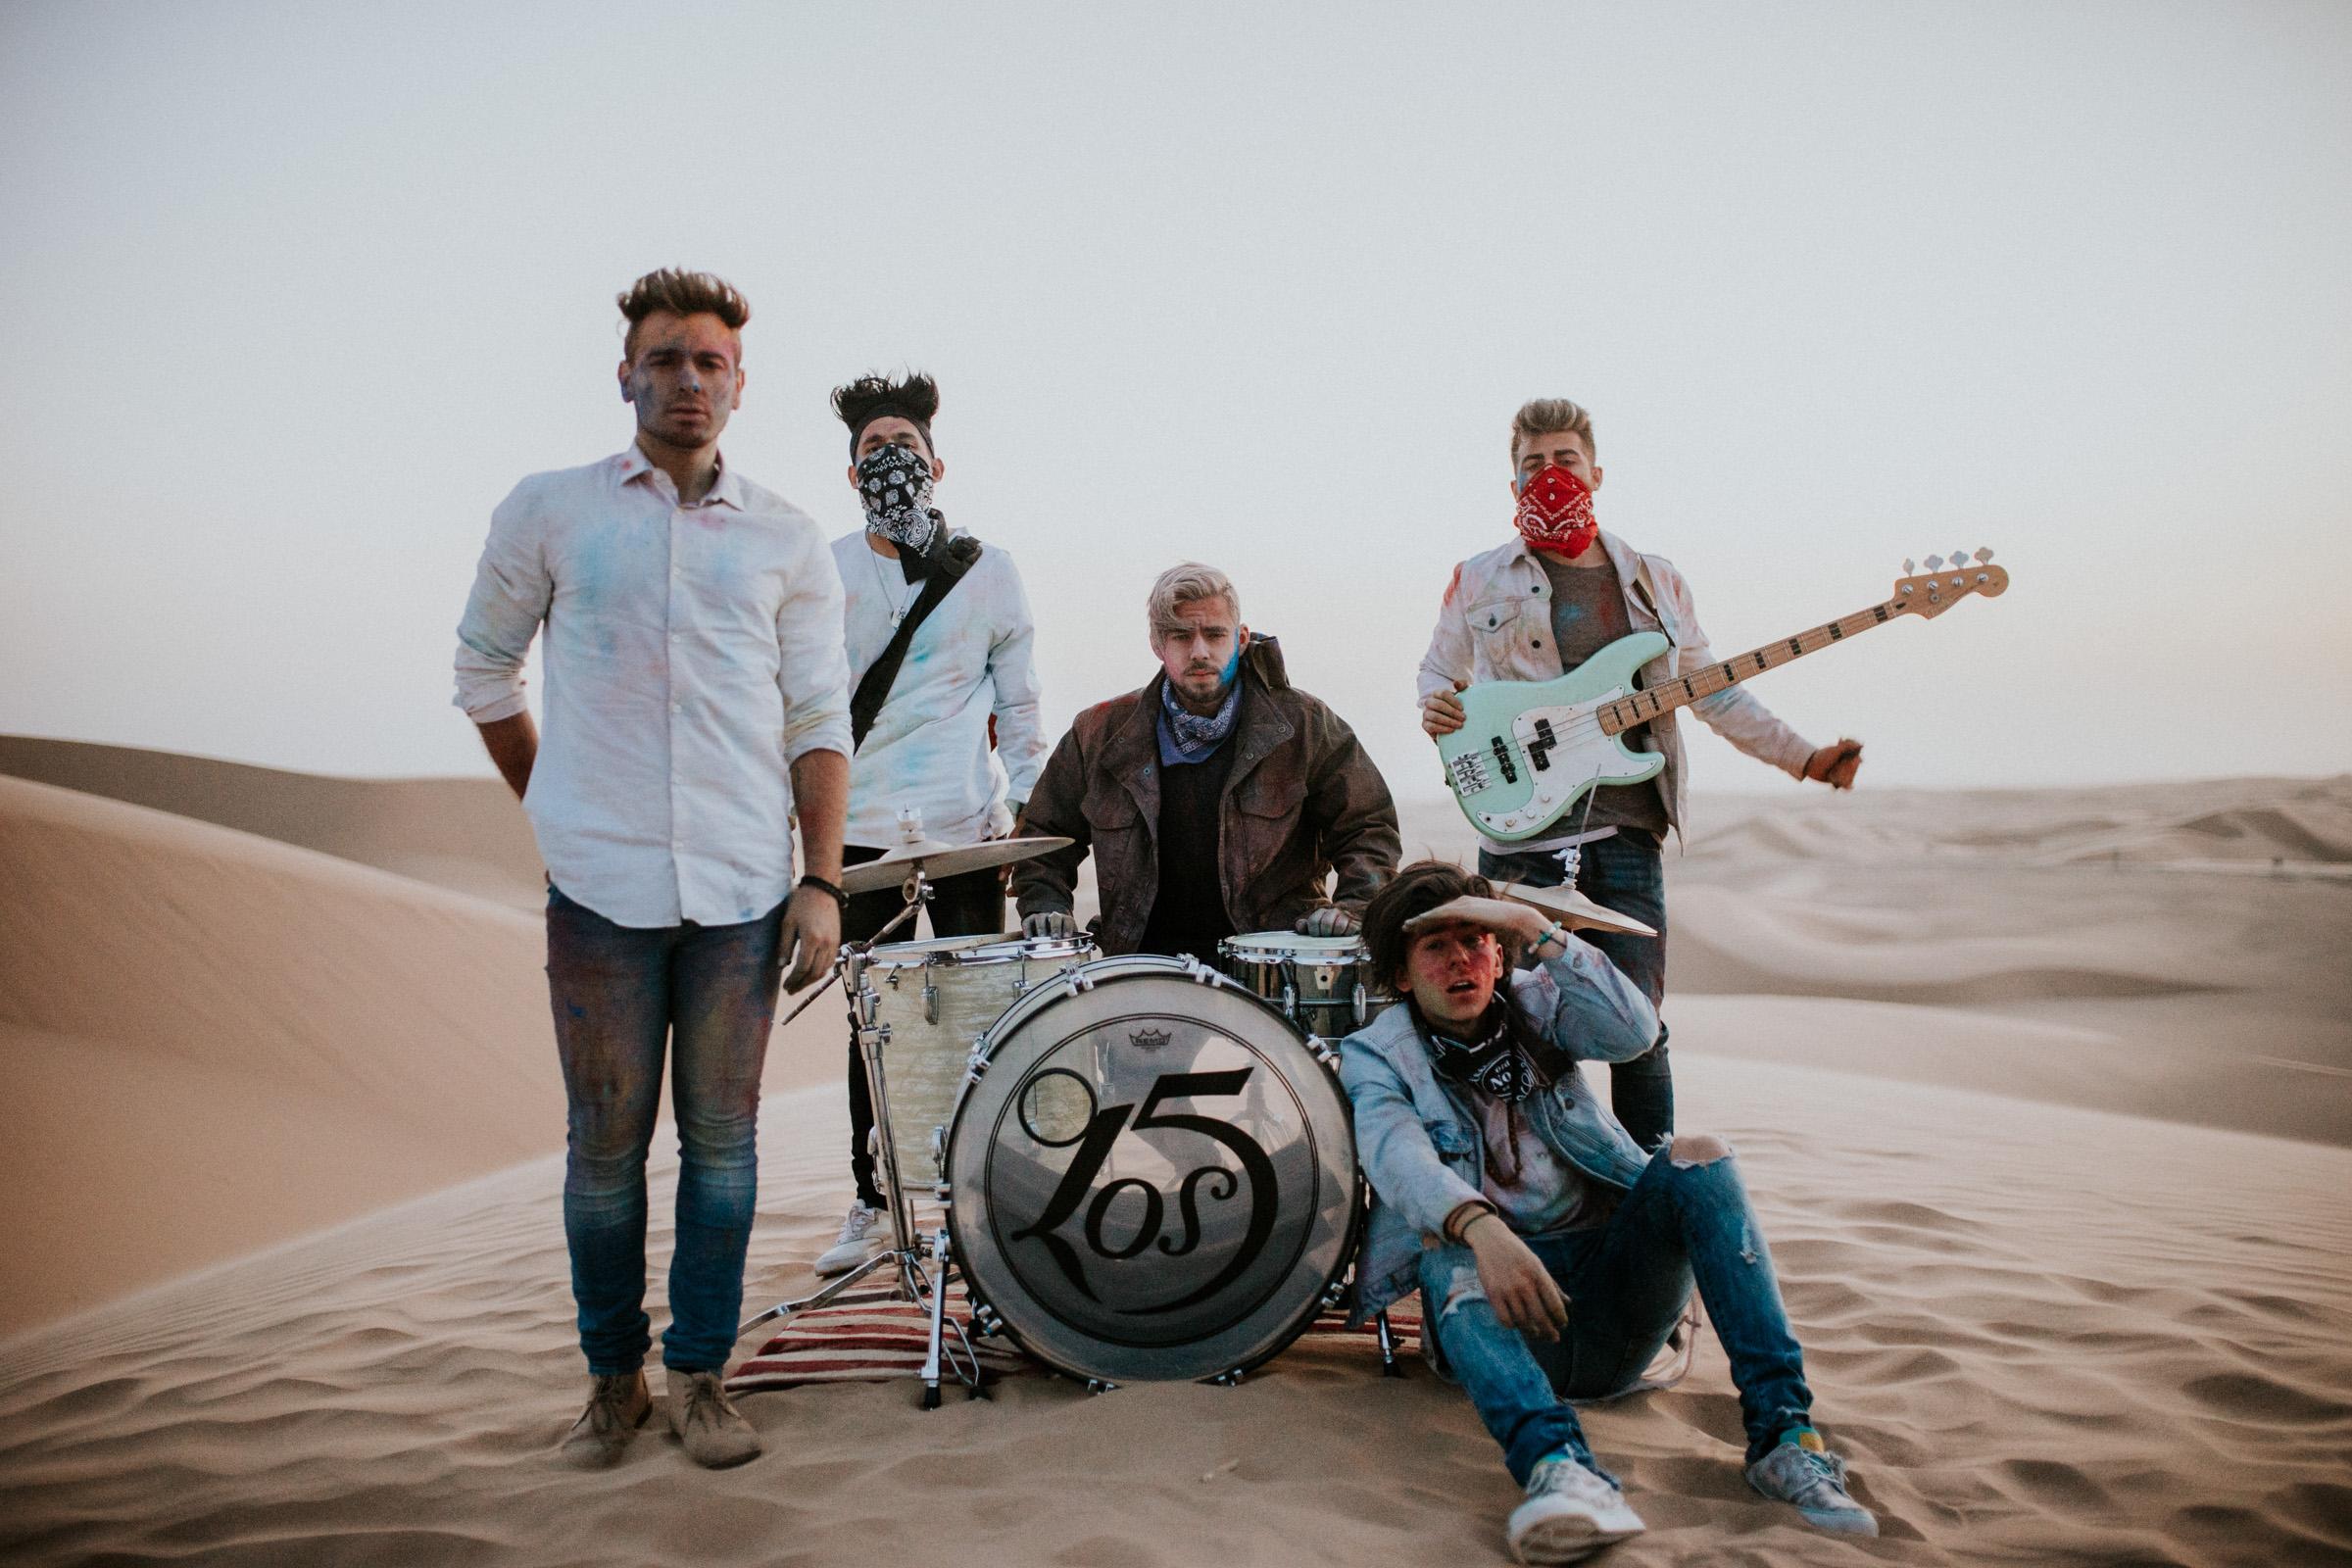 web-los5-desert-doforlove-musicvideoshoot-03704.jpg